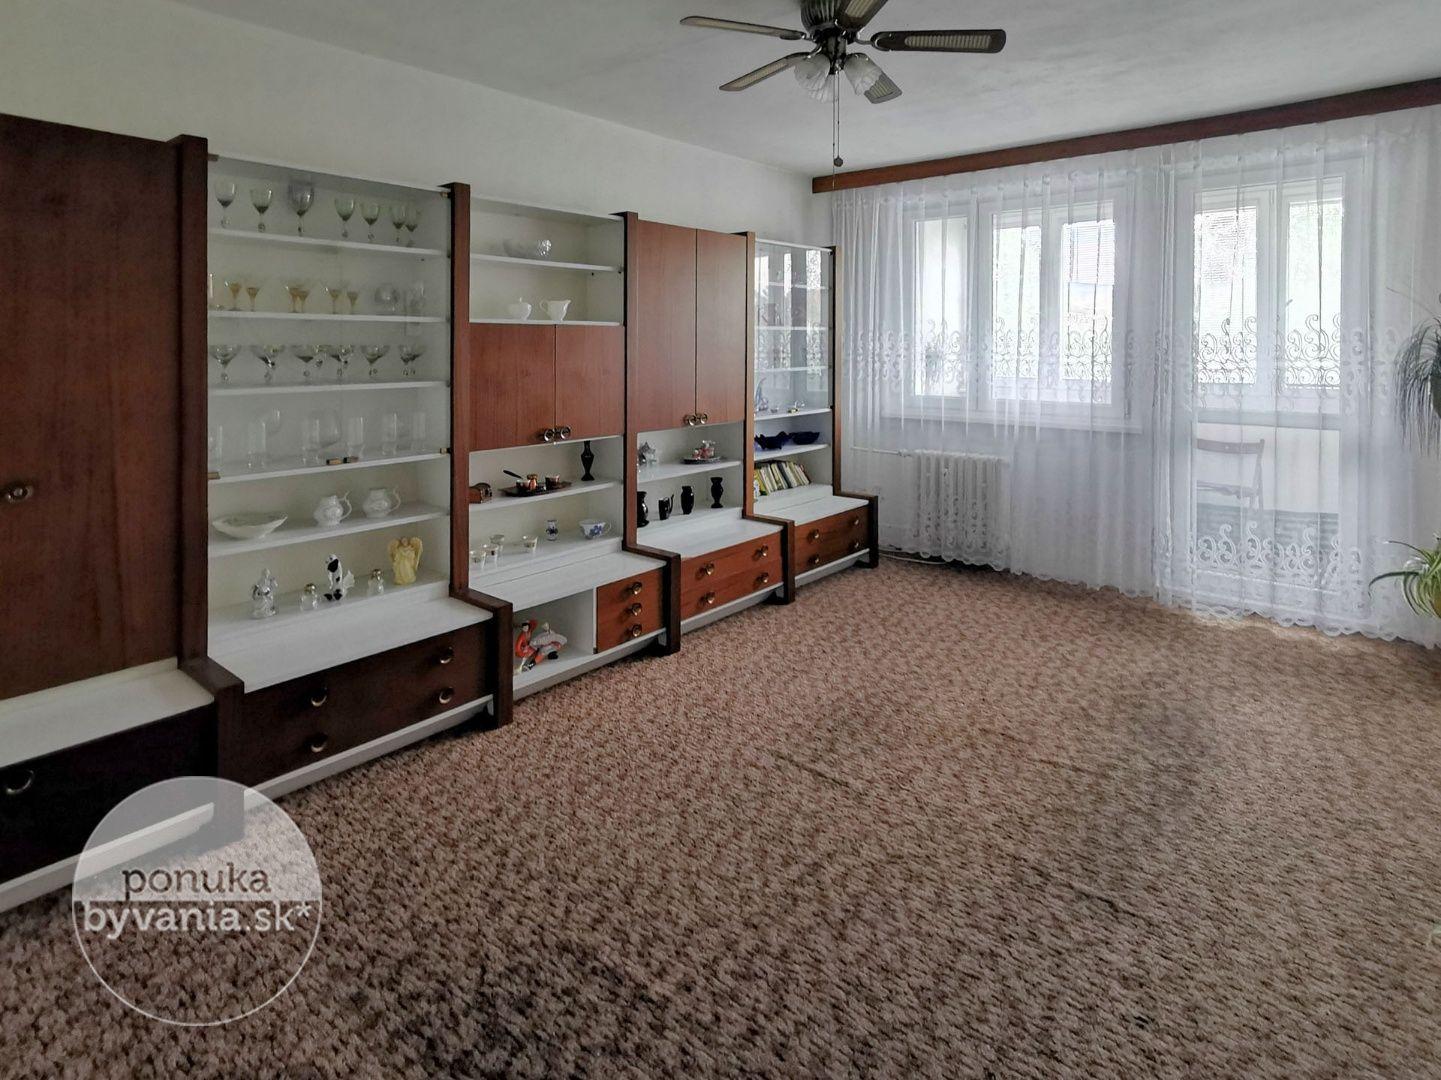 ponukabyvania.sk_Hlavná_3-izbový-byt_KALISKÝ